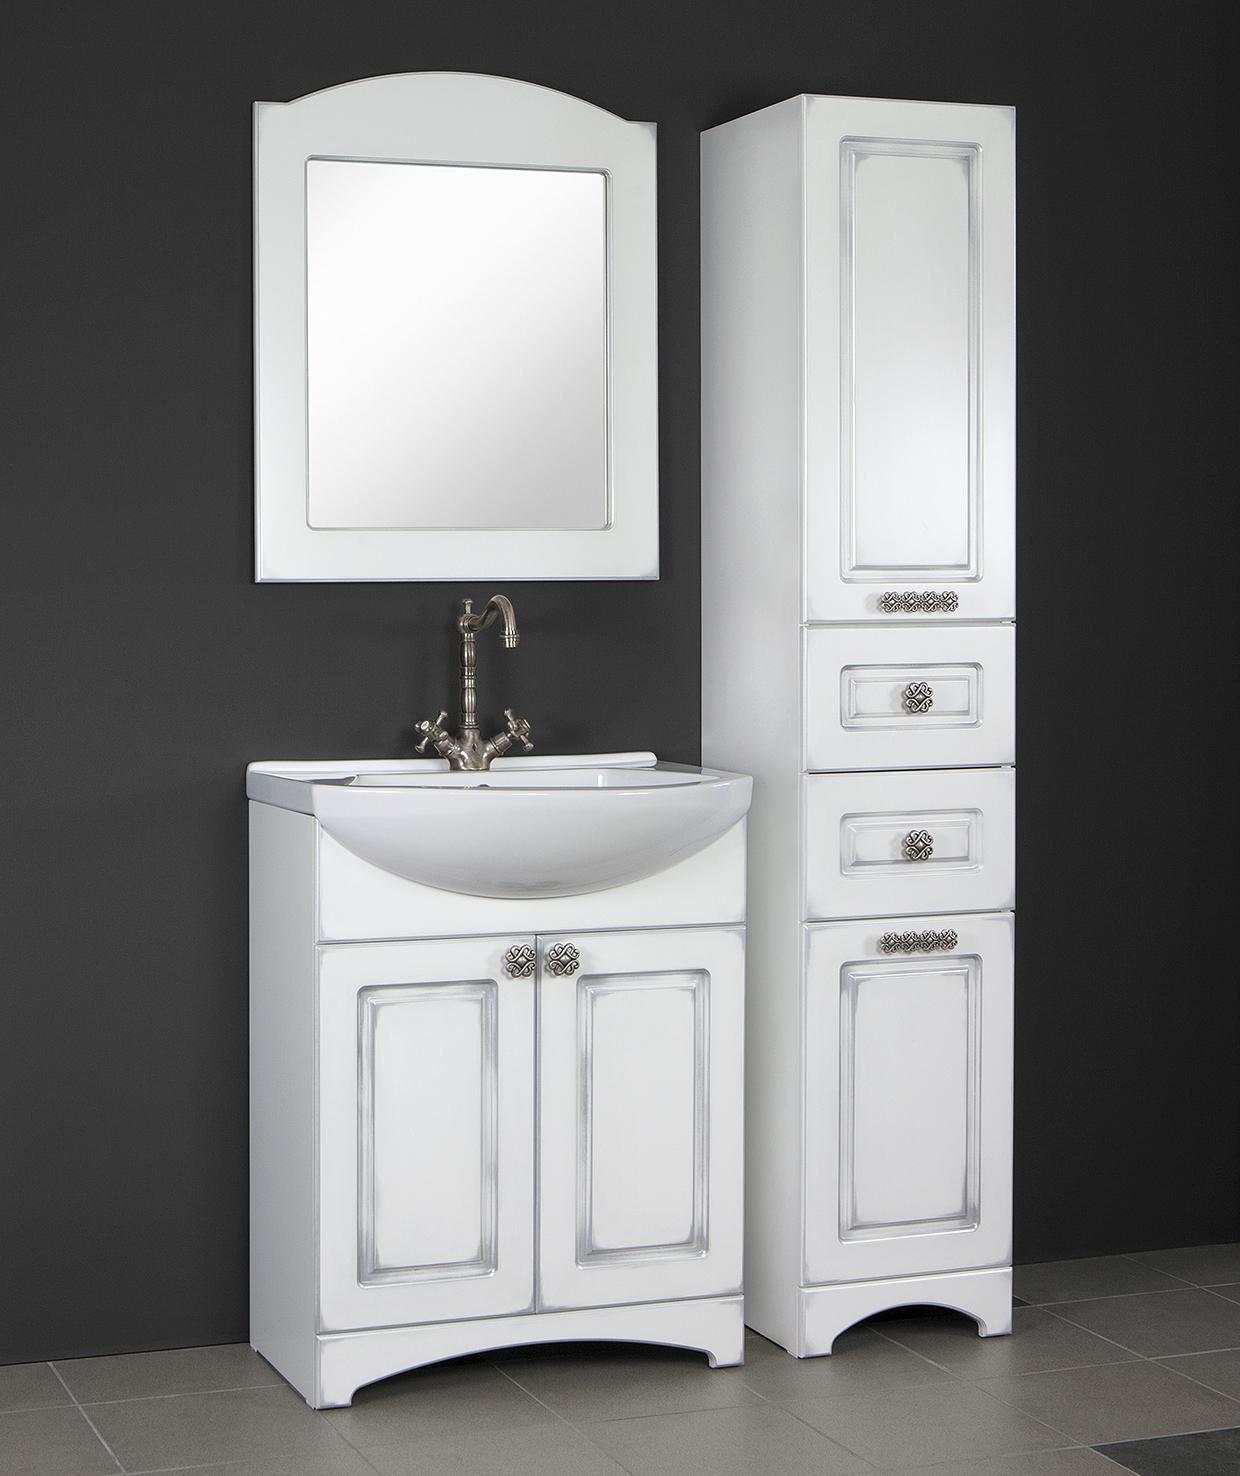 Сантехника, мебель для ванной, душевые кабины - Томск :: Мебель Норта